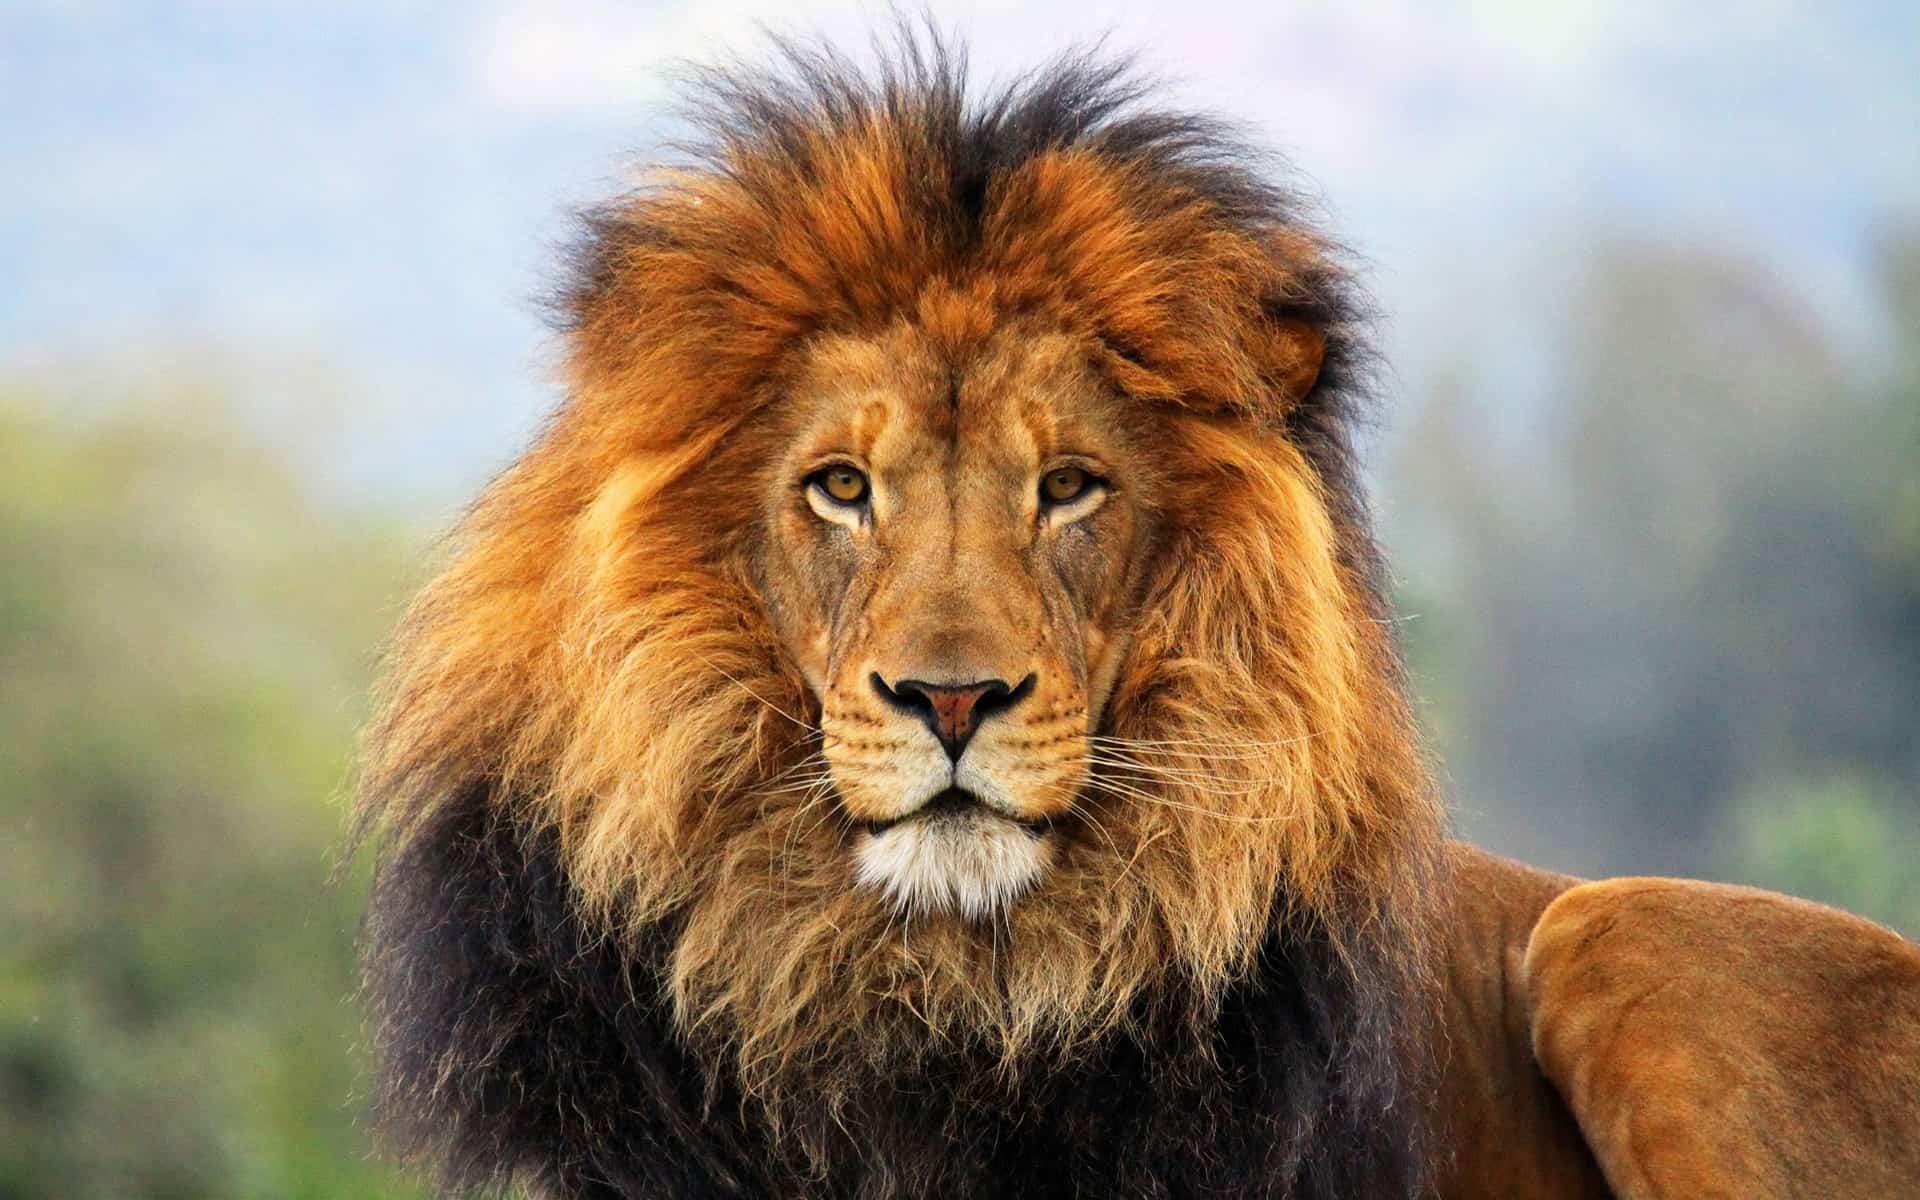 львы картинки классные банды различаются